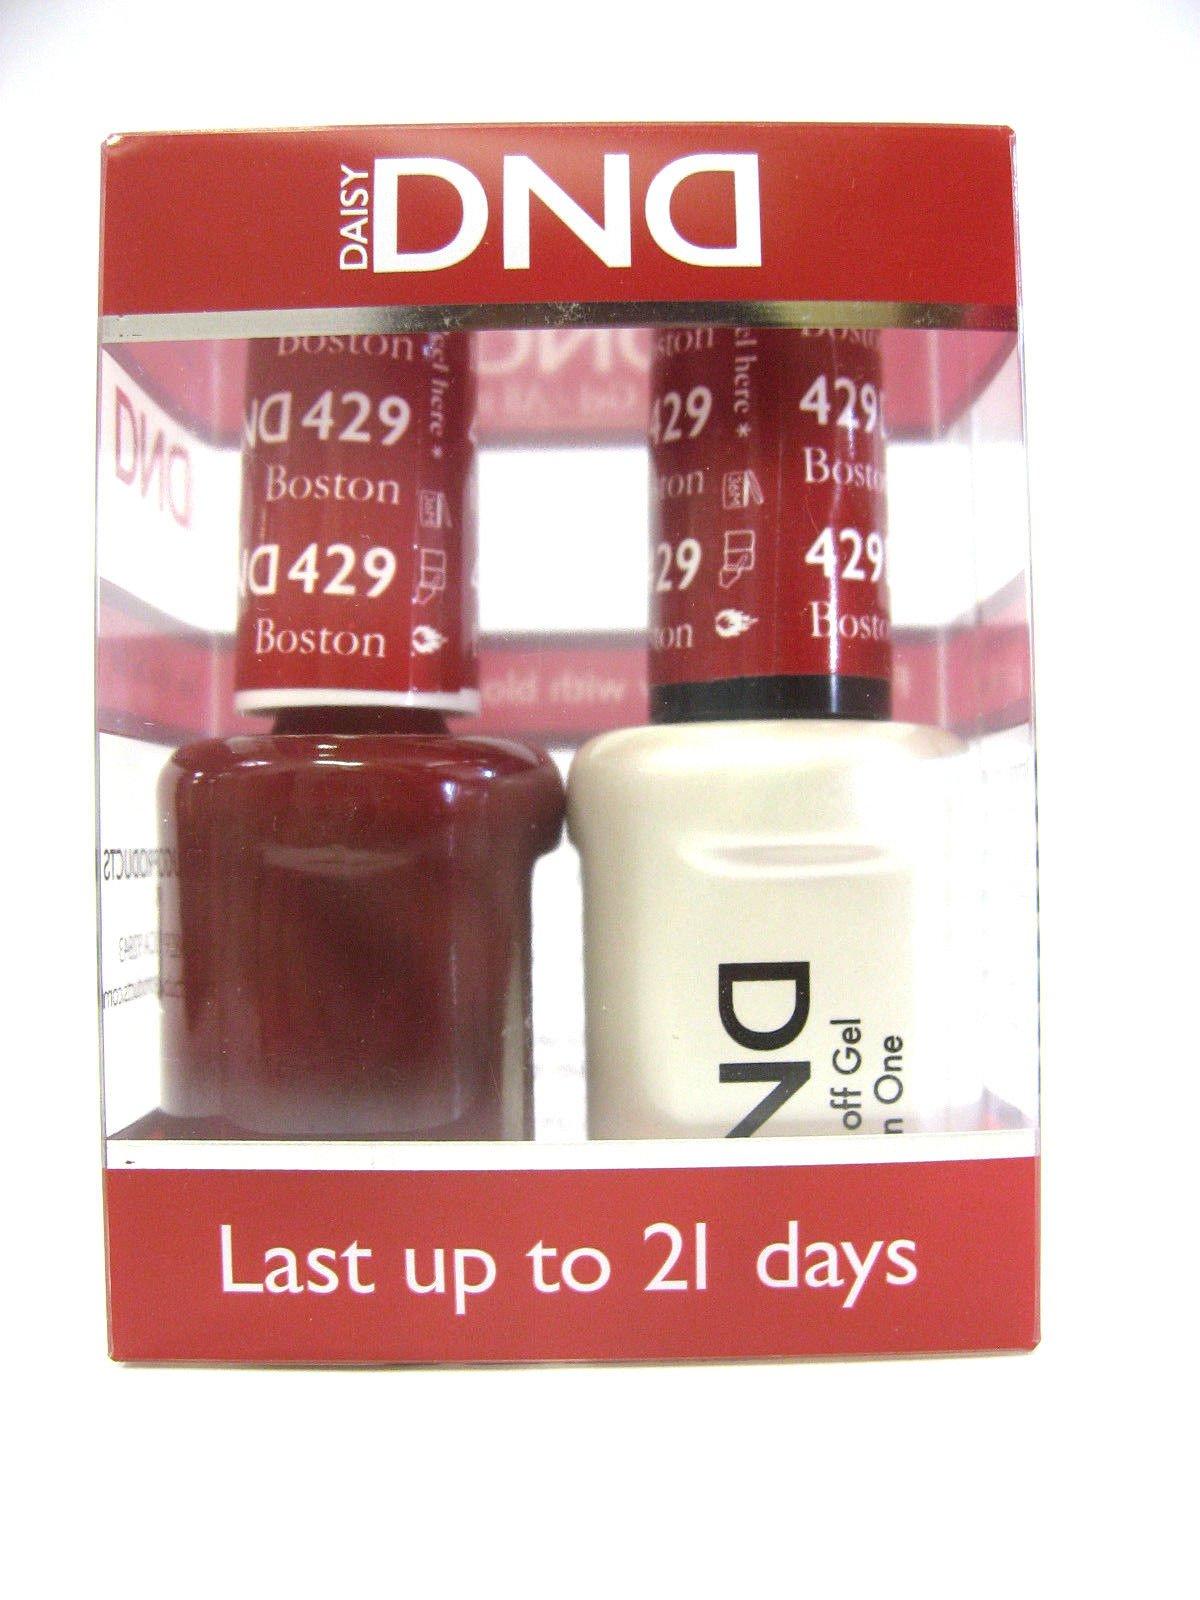 Amazon.com: DND *Duo Gel* (Gel & Matching Polish) Fall Set 456 ...